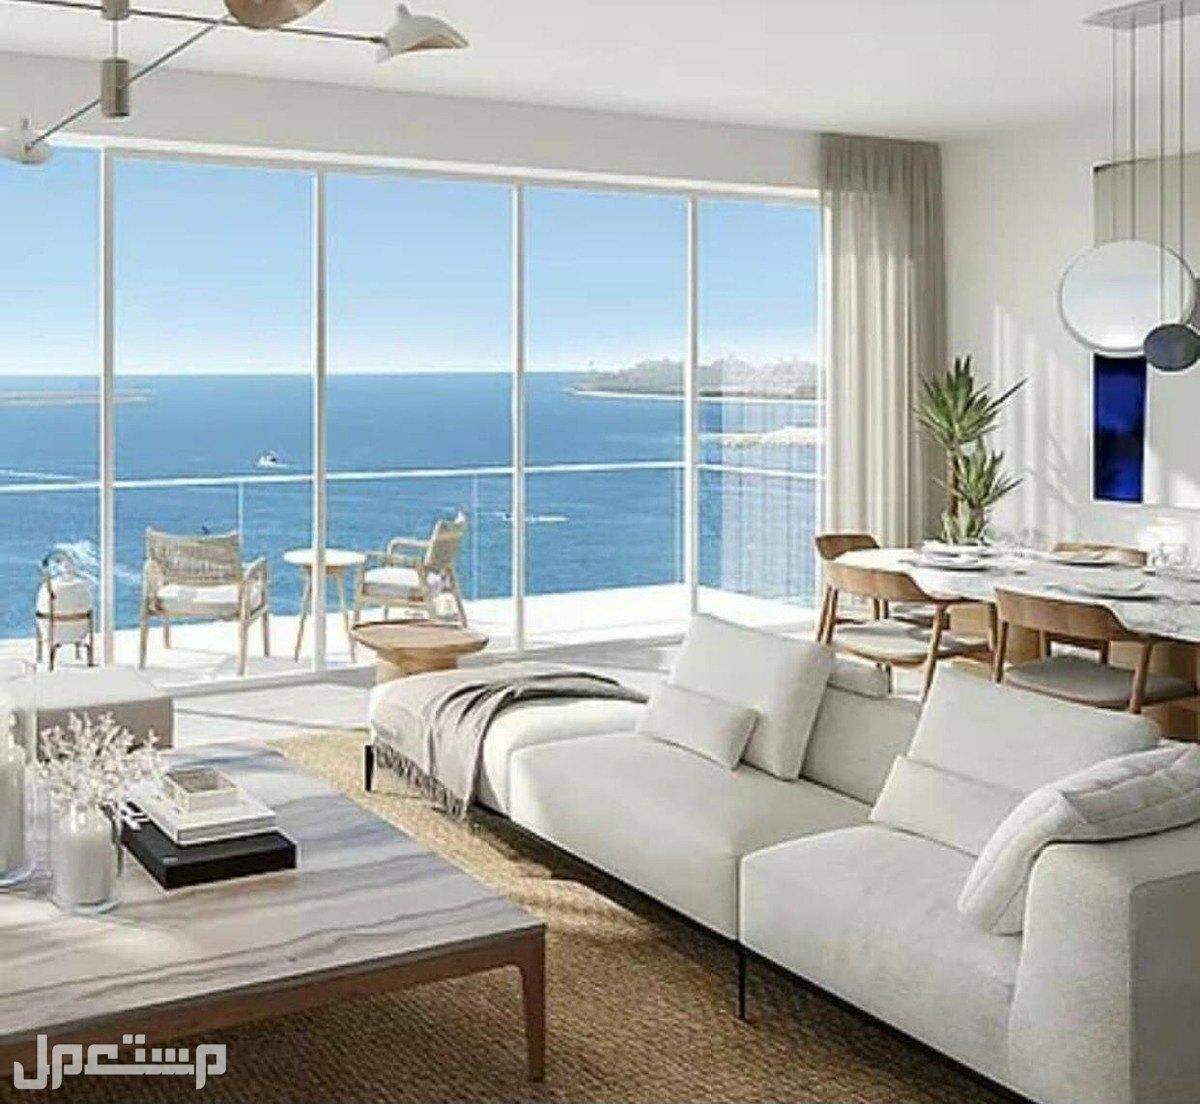 تملك البحر في منتجع المهرة الفندقي مع عوائد استثمارية مضمونة بالعقد 8% إطلالات الاجنحة الغرفة والصالة على البحر مباشرة